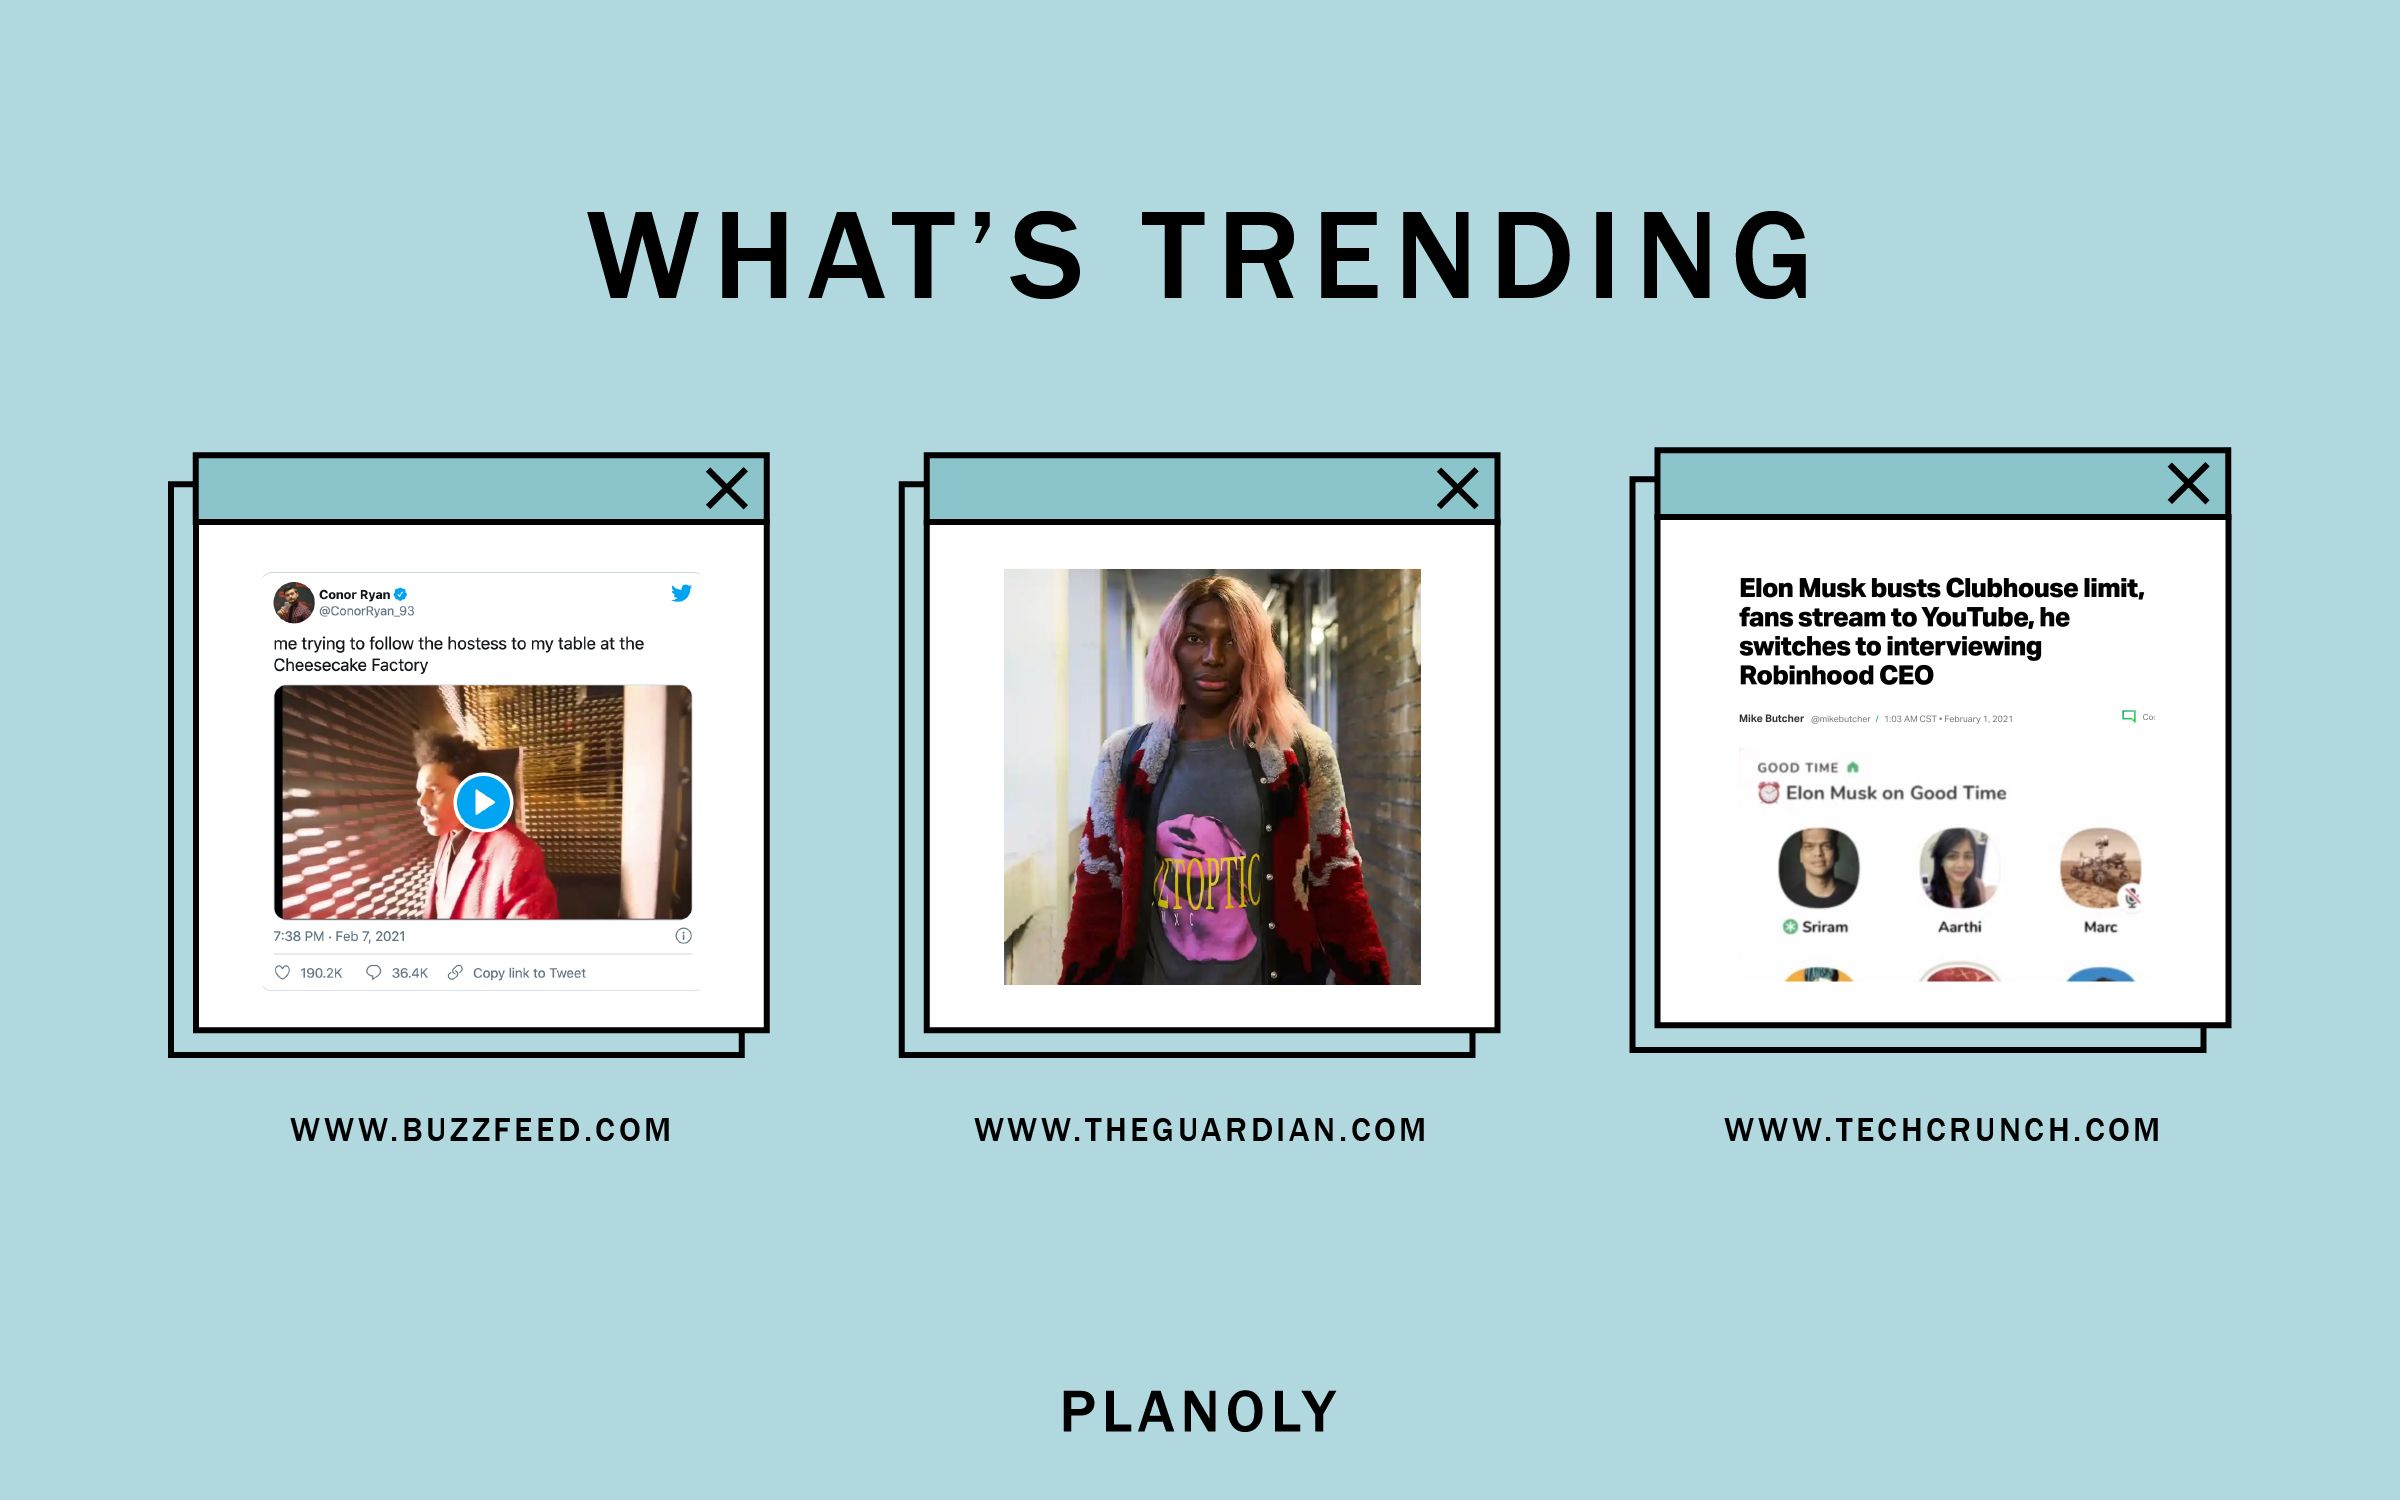 PLANOLY-Social-Sphere-Week of 02.08-Image 2